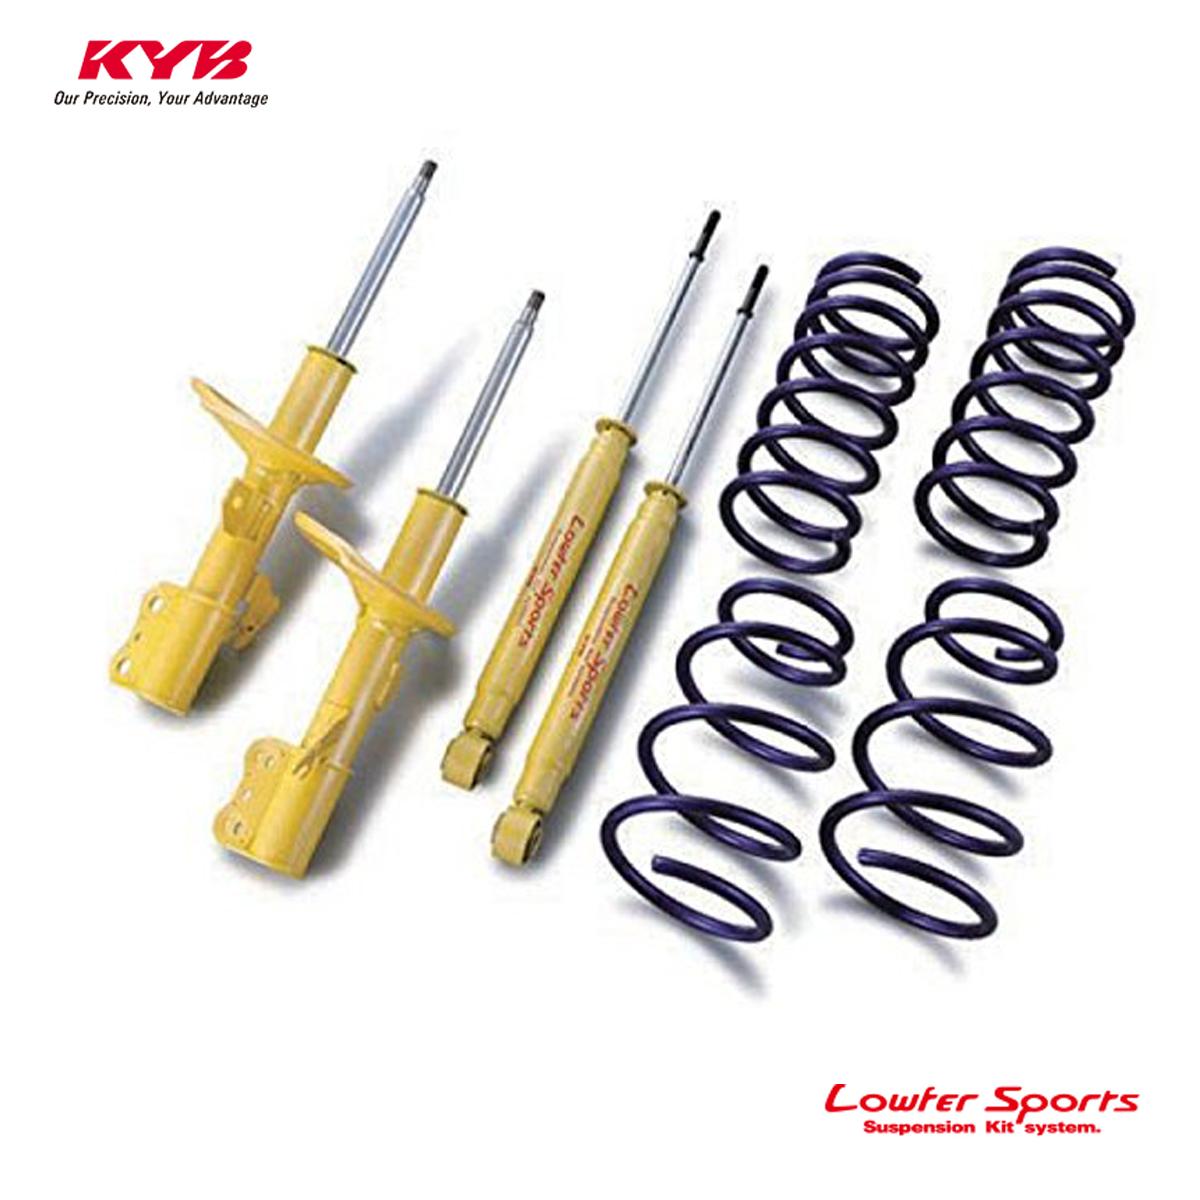 KYB カヤバ レヴォーグ VMG ショックアブソーバー サスペンションキット Lowfer Sports LKIT-VM4 配送先条件有り